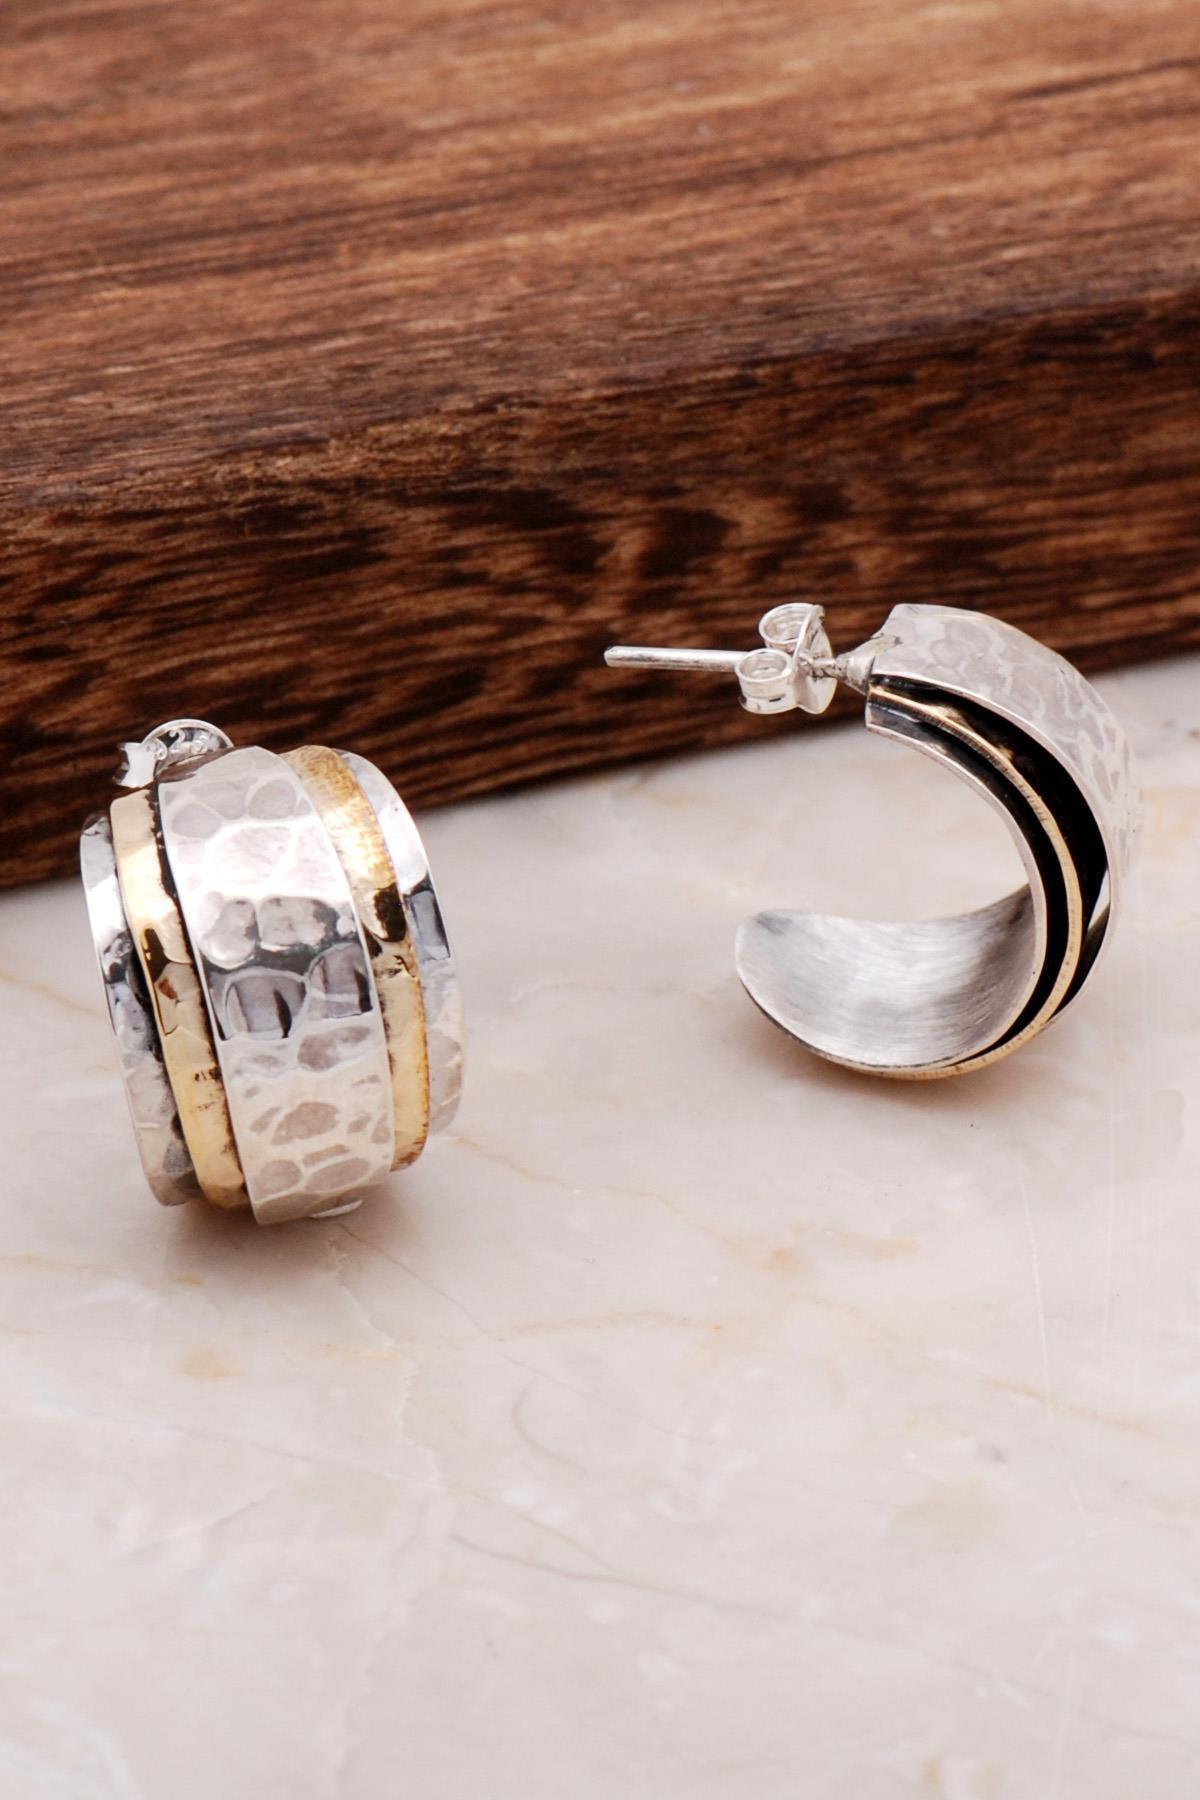 Sümer Telkari Dövme El Yapımı Tasarım Gümüş Küpe 4897 1